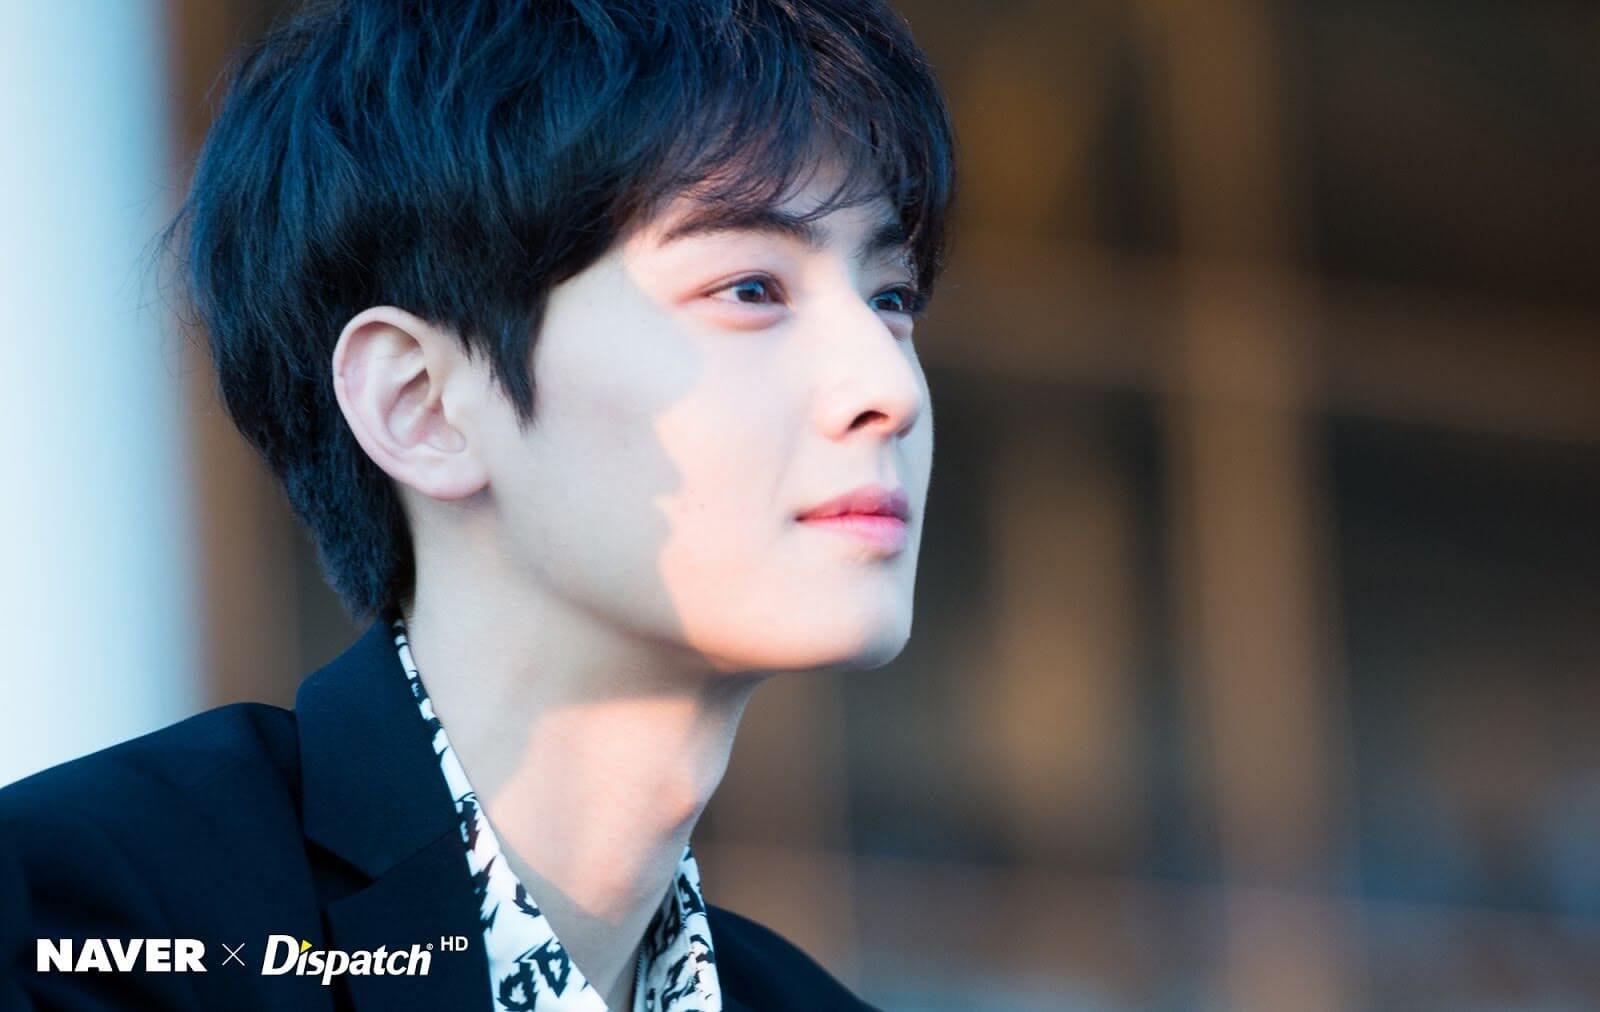 Cha Eun Woo Profile: Thông tin tiểu sử ca sĩ, nam diễn viên nhóm ASTRO